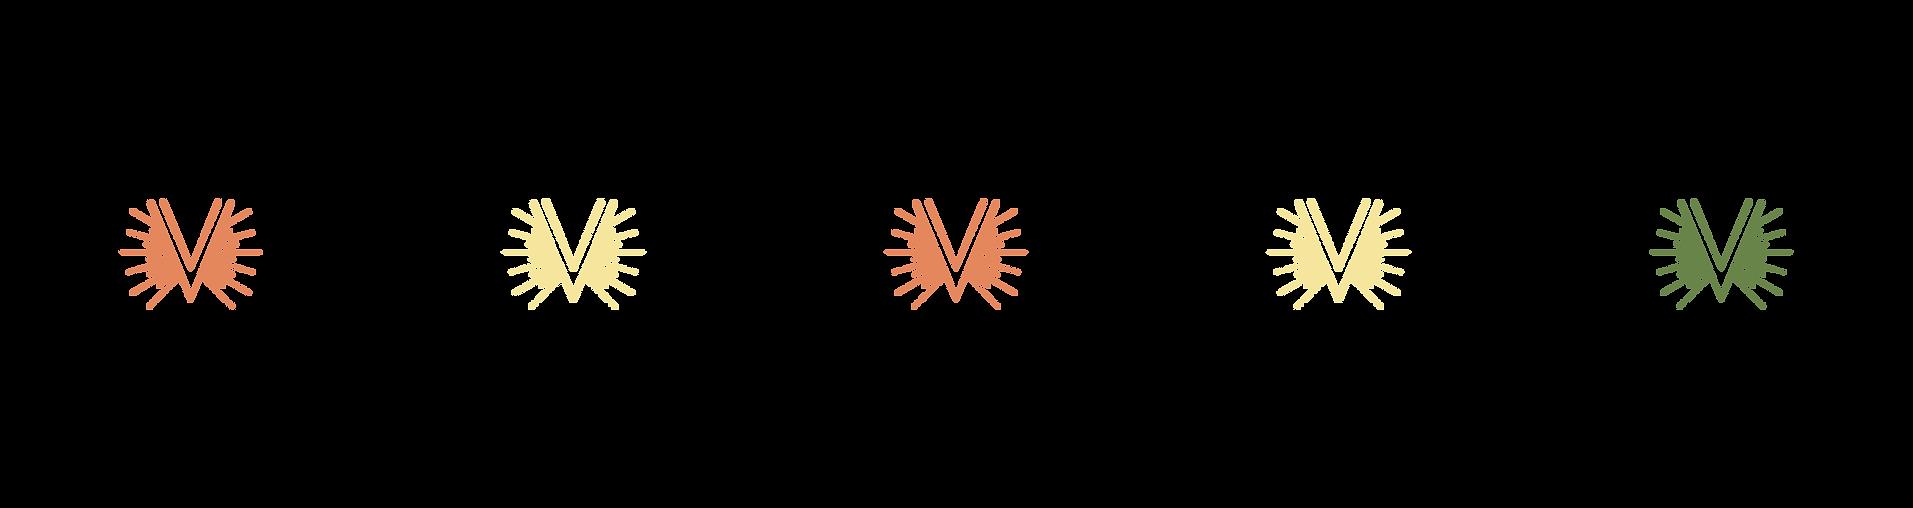 2.Vanes-Vibes_Carolina_Lara-Mesa.png